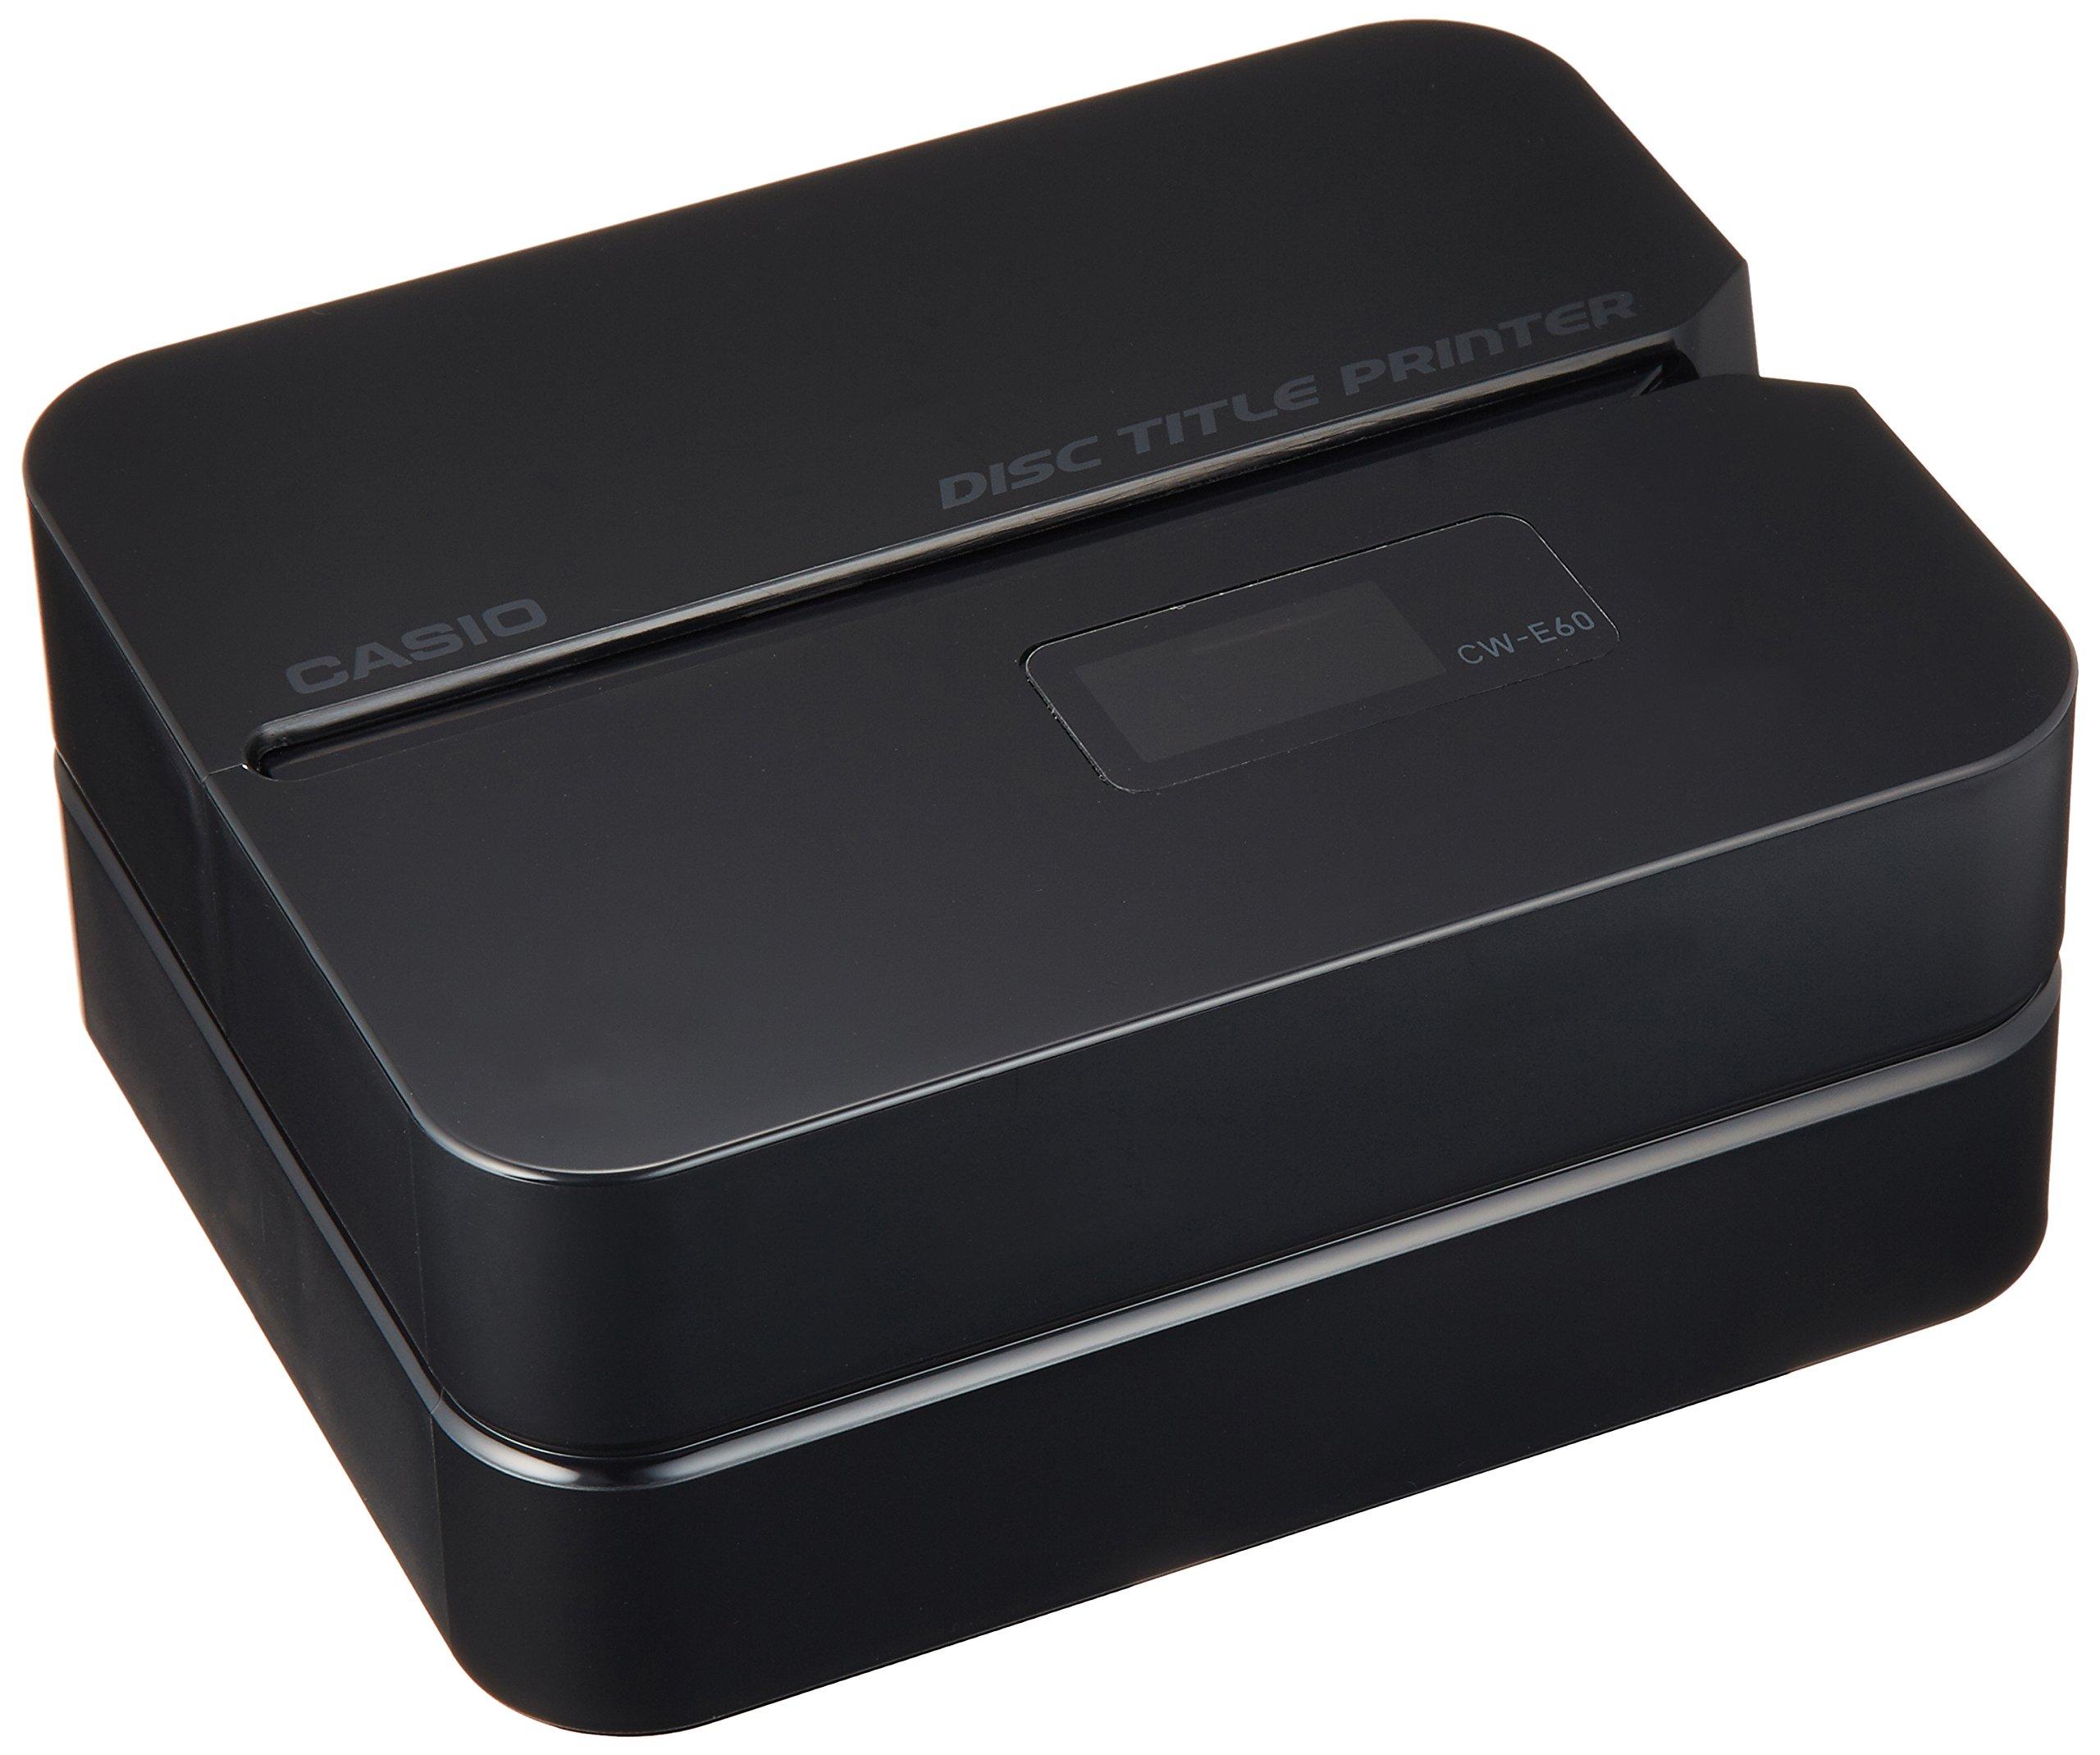 CSOCWE60 - Casio CW-E60 Disc Title Printer